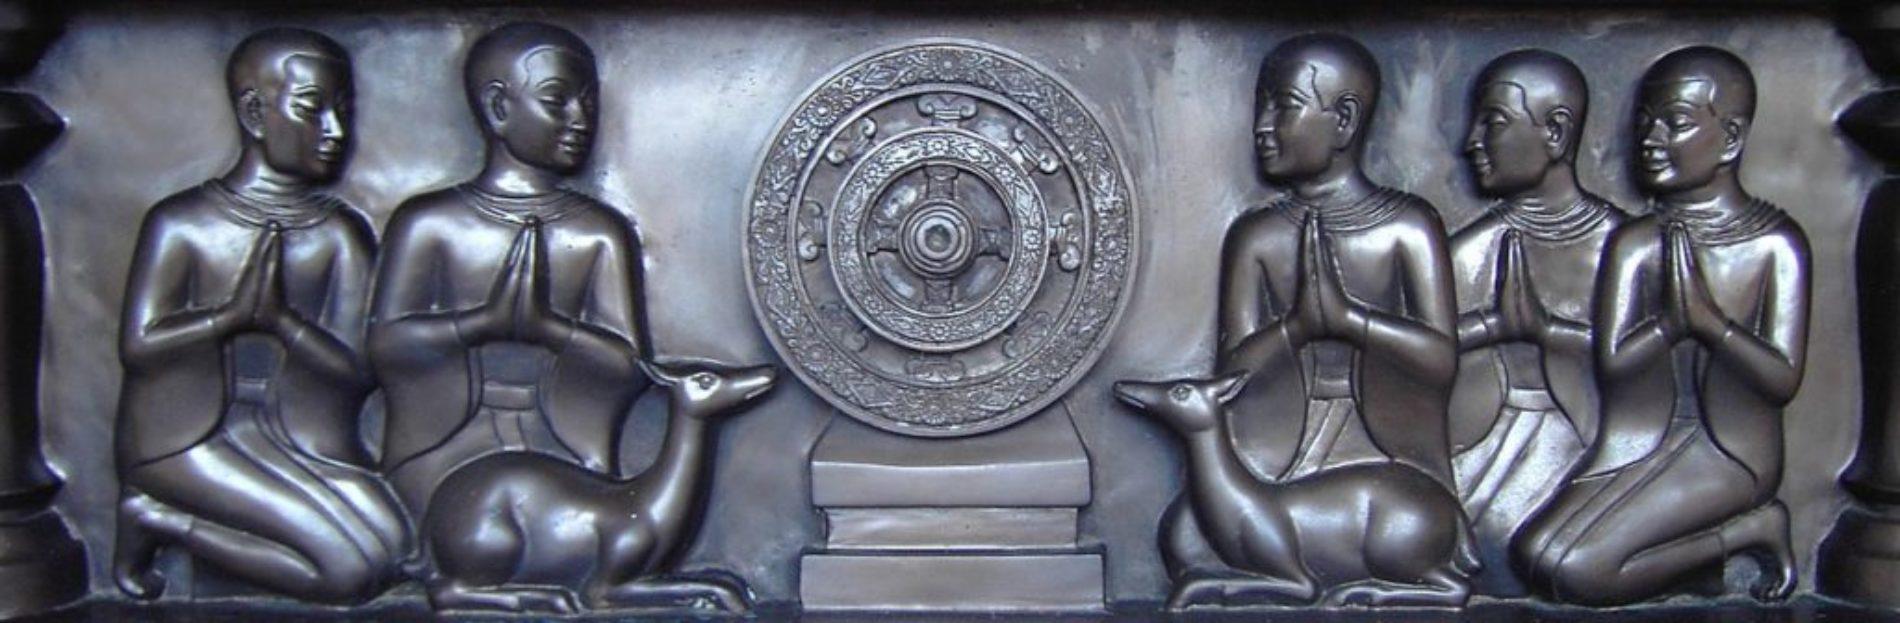 Может ли Учение Будды развиваться? Дхарма. Прогресс. Эволюция